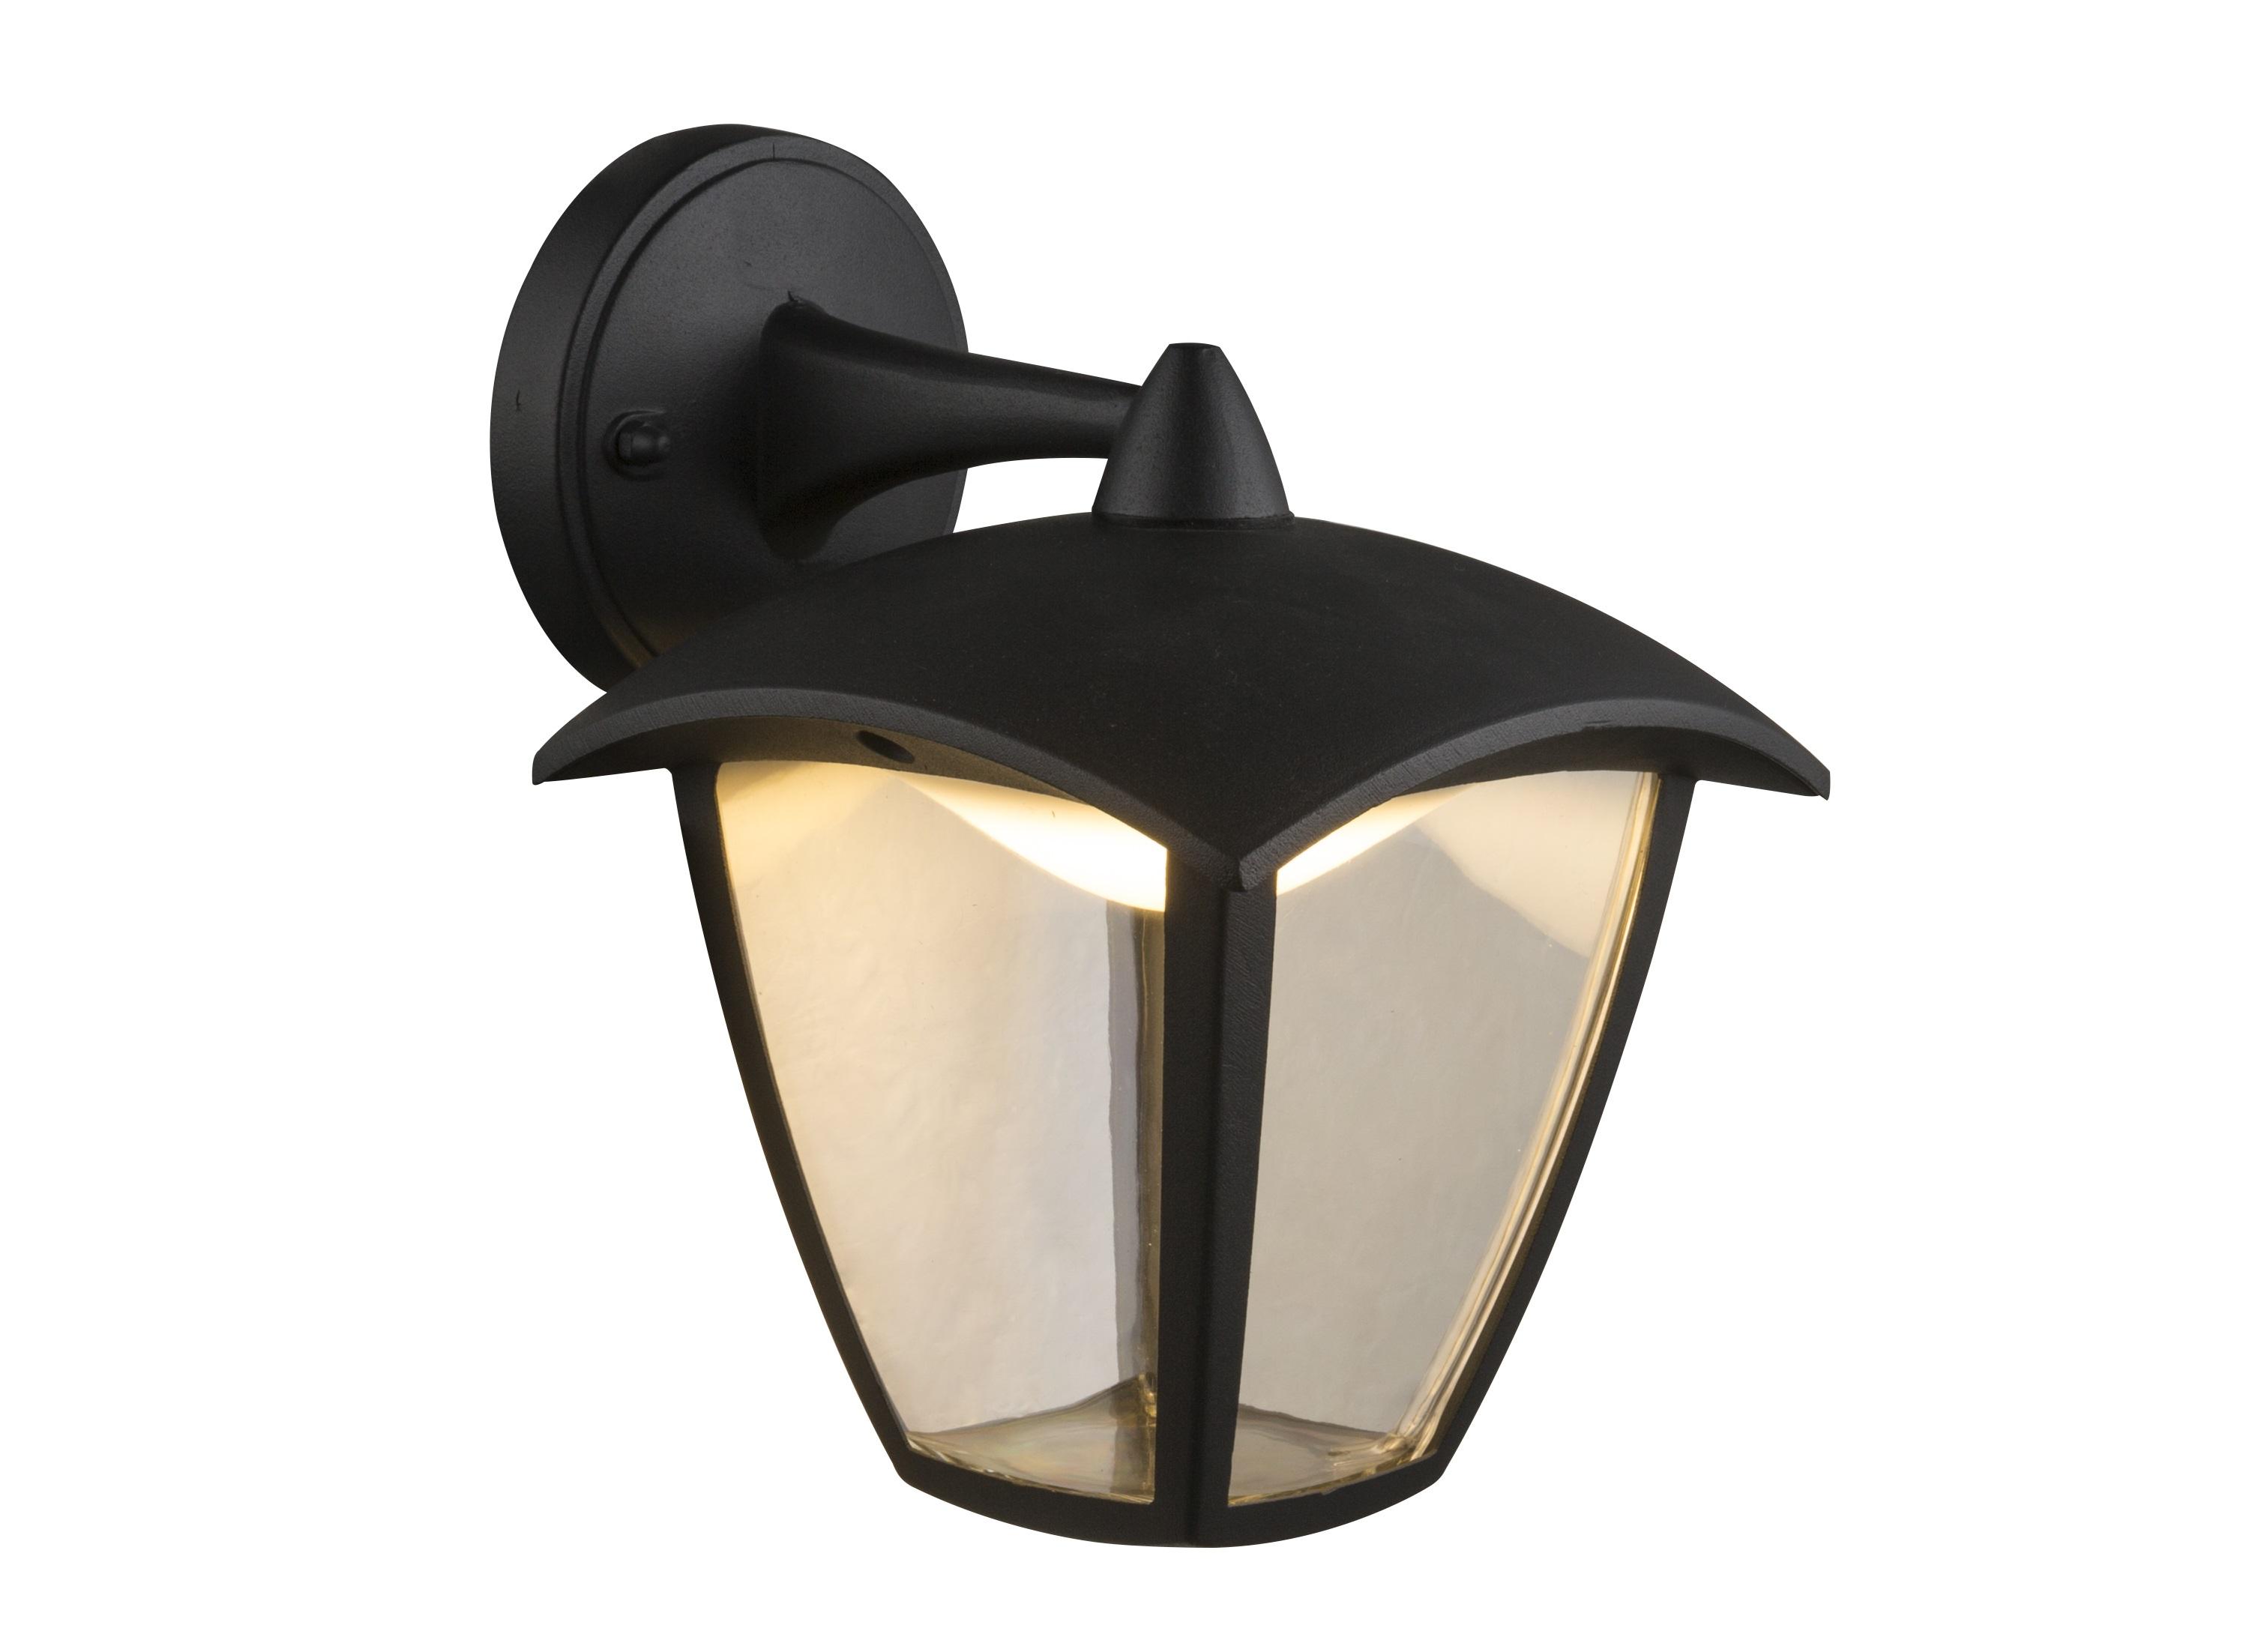 Светильник уличныйУличные настенные светильники<br>&amp;lt;div&amp;gt;Тип цоколя: LED&amp;lt;/div&amp;gt;&amp;lt;div&amp;gt;Мощность: 7W&amp;lt;/div&amp;gt;&amp;lt;div&amp;gt;Кол-во ламп: 1 (в комплекте)&amp;lt;/div&amp;gt;<br><br>Material: Металл<br>Length см: None<br>Width см: 19,4<br>Depth см: 16,2<br>Height см: 23,2<br>Diameter см: None